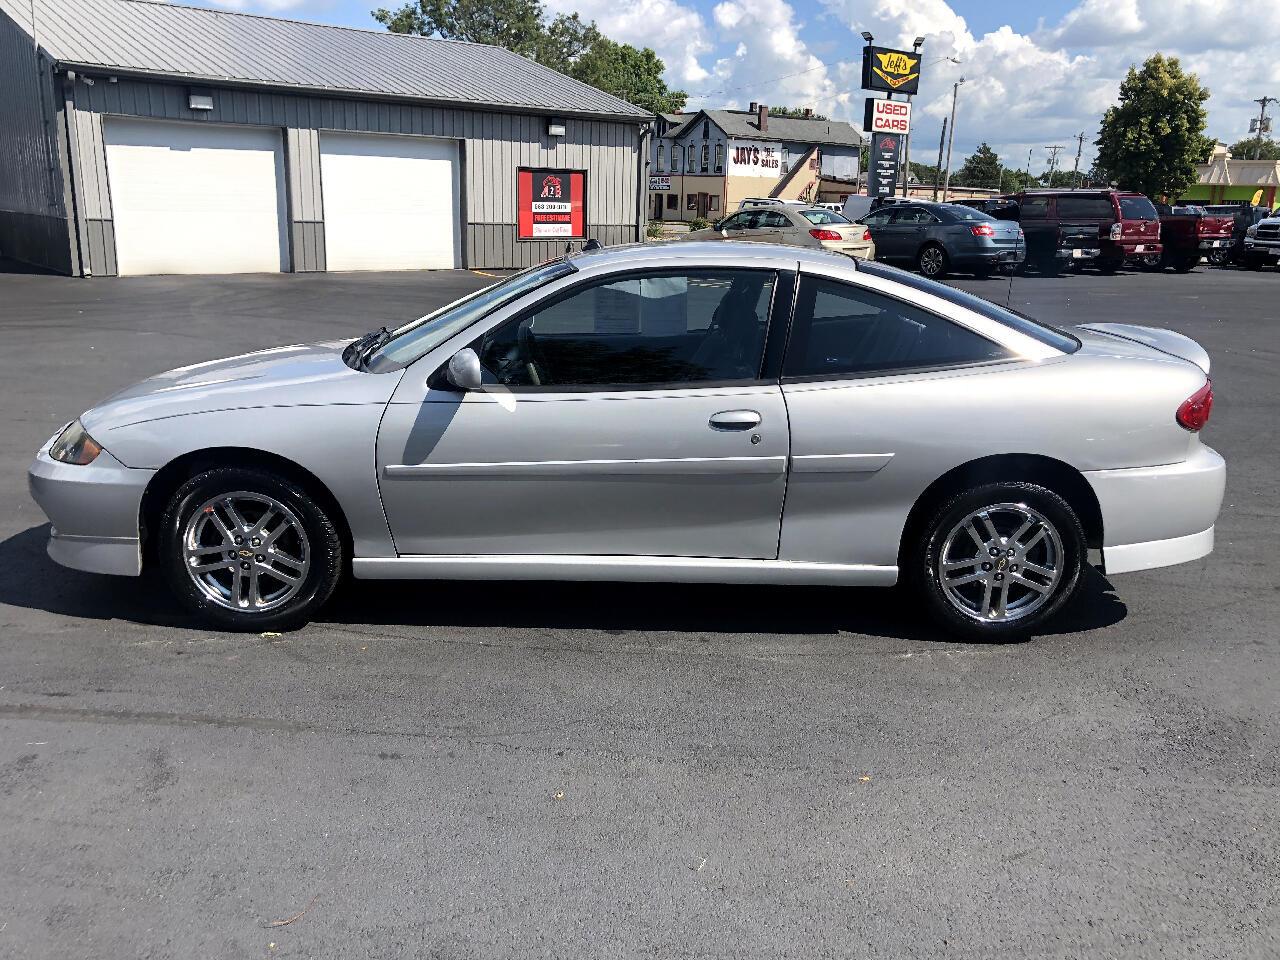 2005 Chevrolet Cavalier LS Sport Coupe